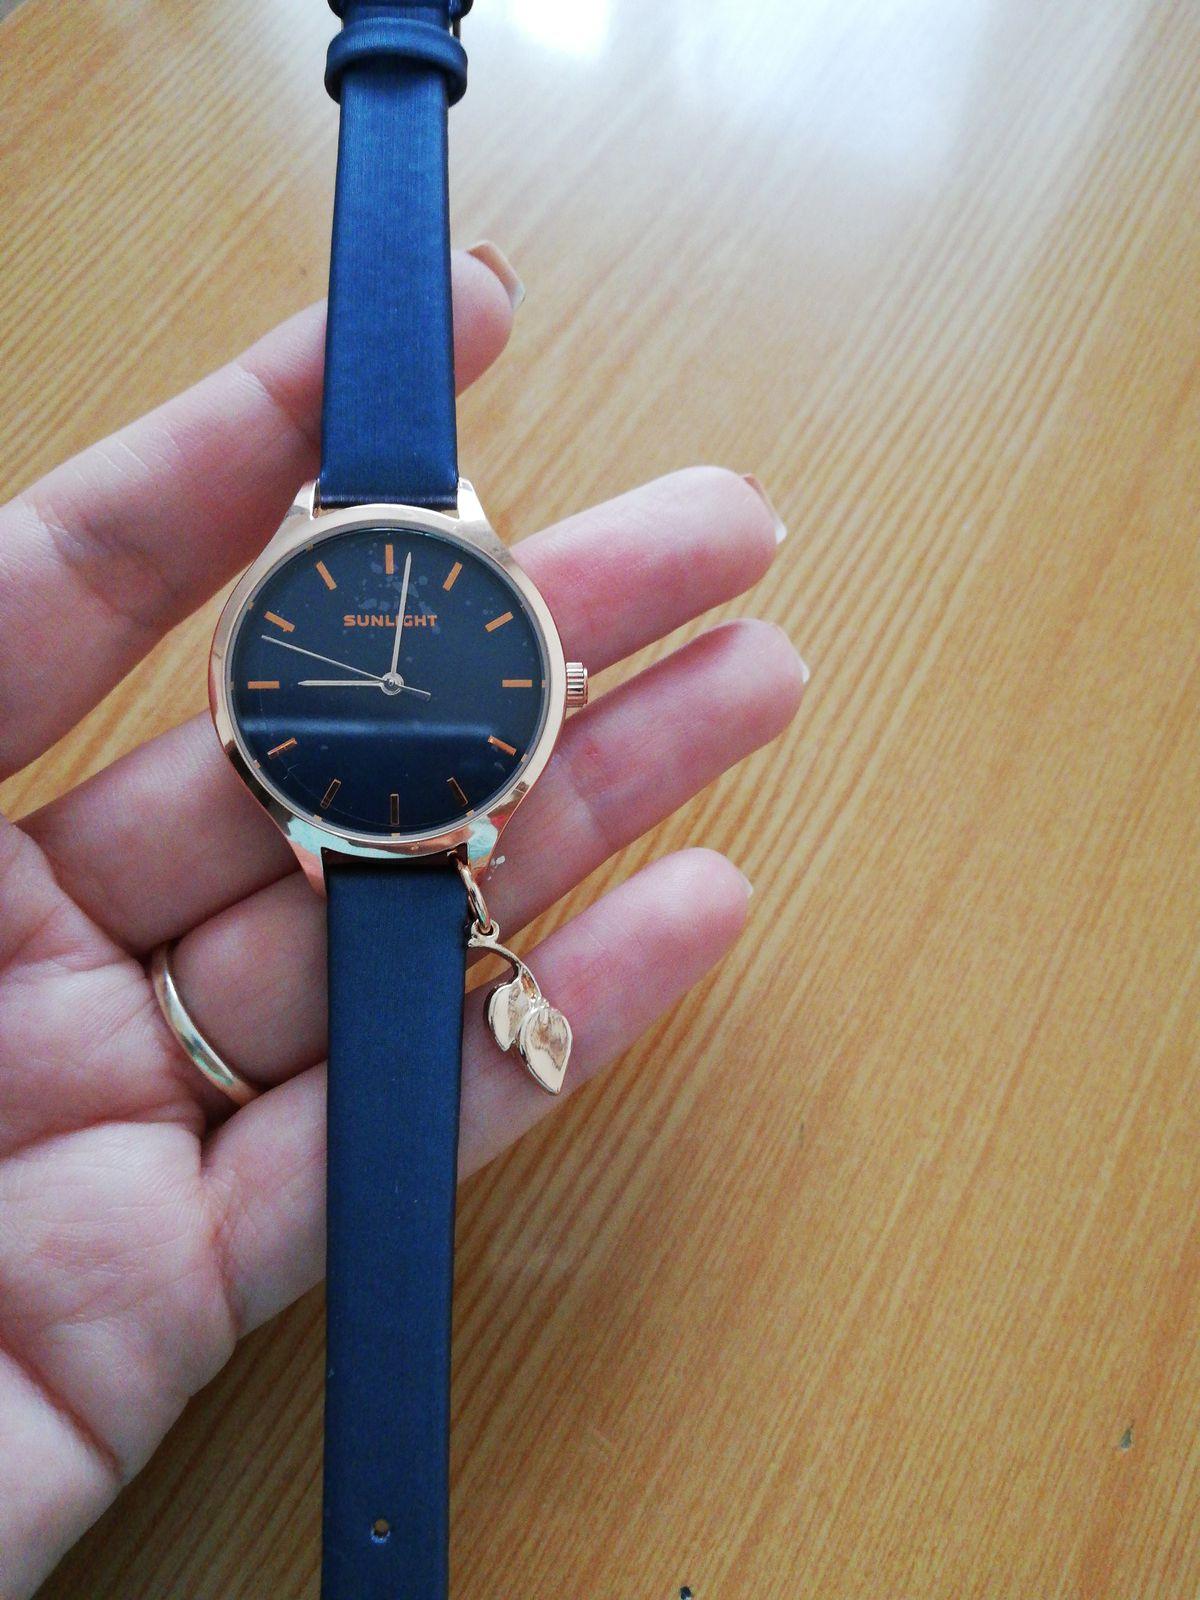 Часики с синим ремешком. Приятного качества и цвета. Хорошо сидят на руке,